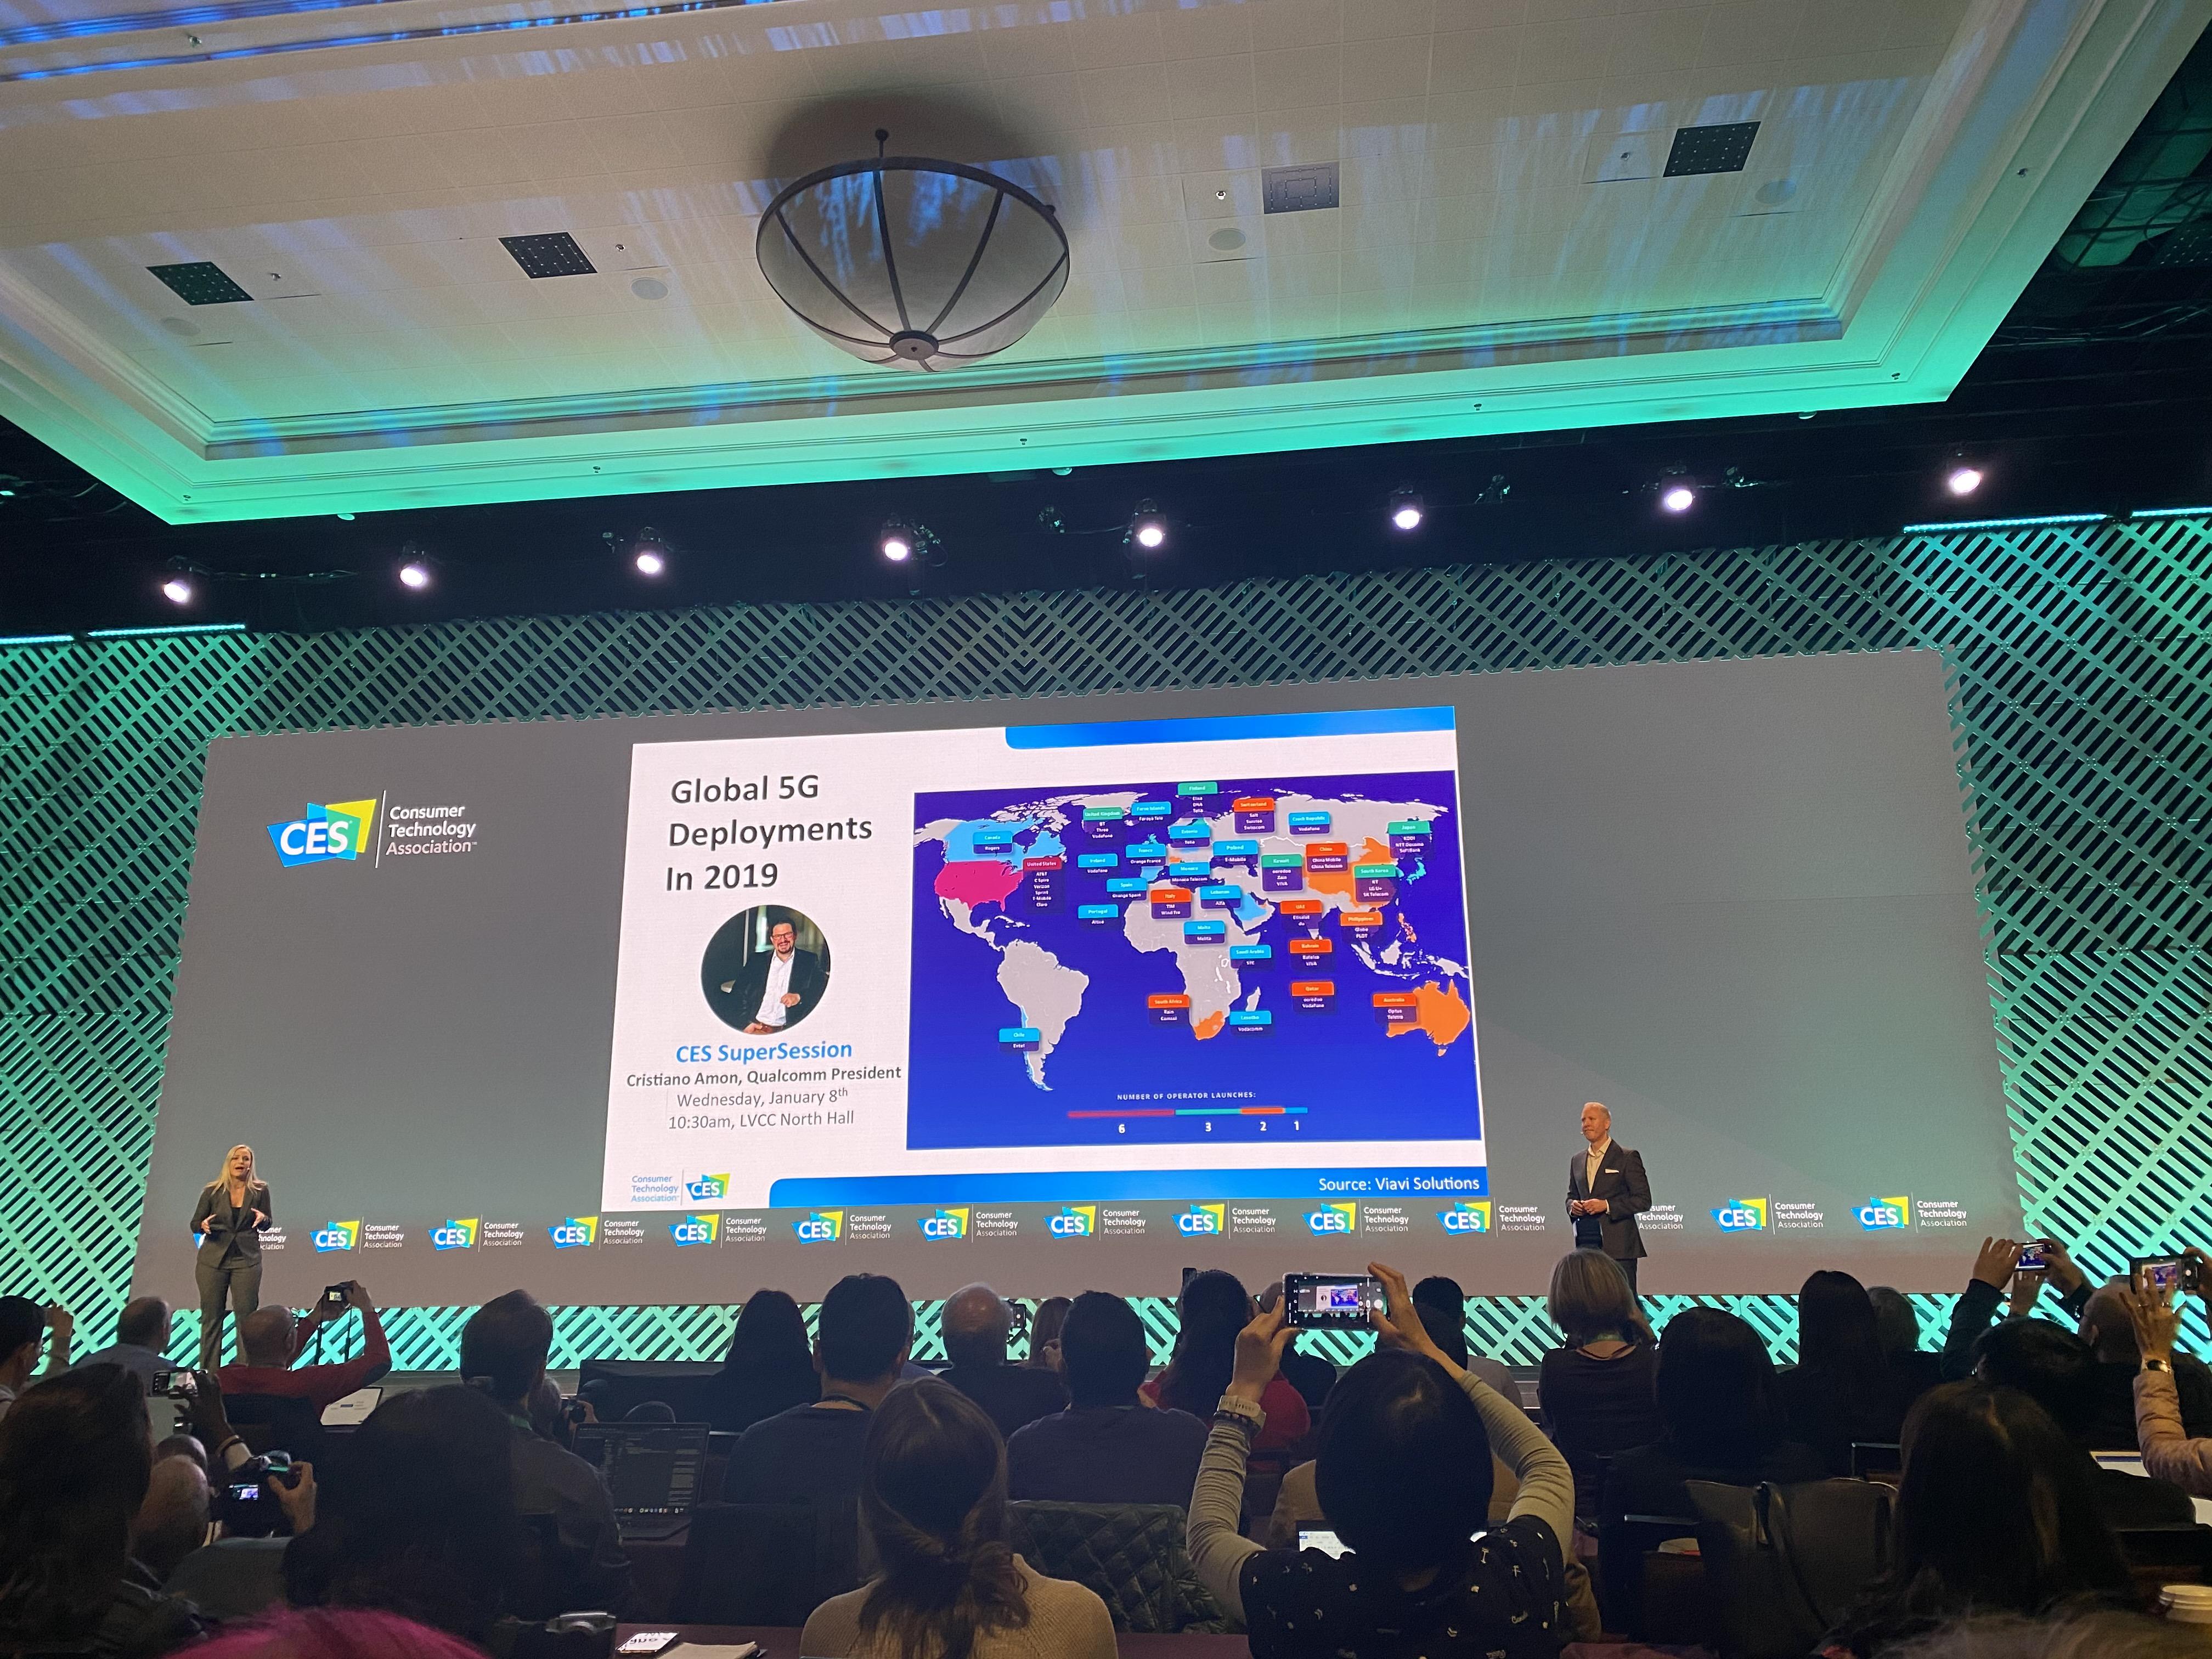 세계 최대 전자정보통신기술(ICT) 쇼인 'CES 2020' 개막을 앞두고 5일(현지시간) 미국 라스베이거스에서 열린 미디어데이 행사에서 스티브 코니그 미국 소비자기술협회(CTA) 리서치 담당 부사장이 향후 기술 전망을 발표하고 있다.